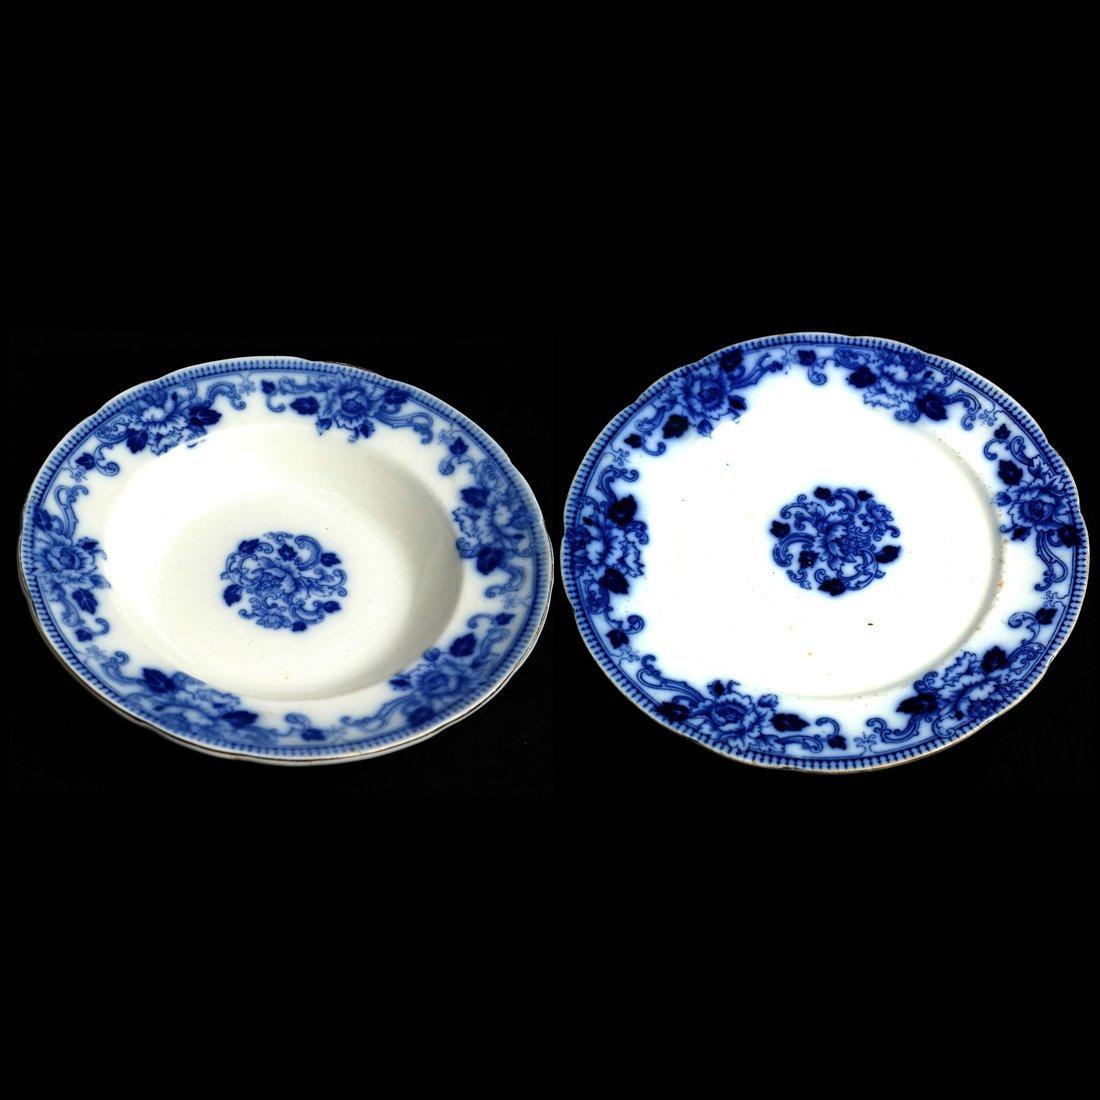 41 Blue & White Porcelain Tableware - 3